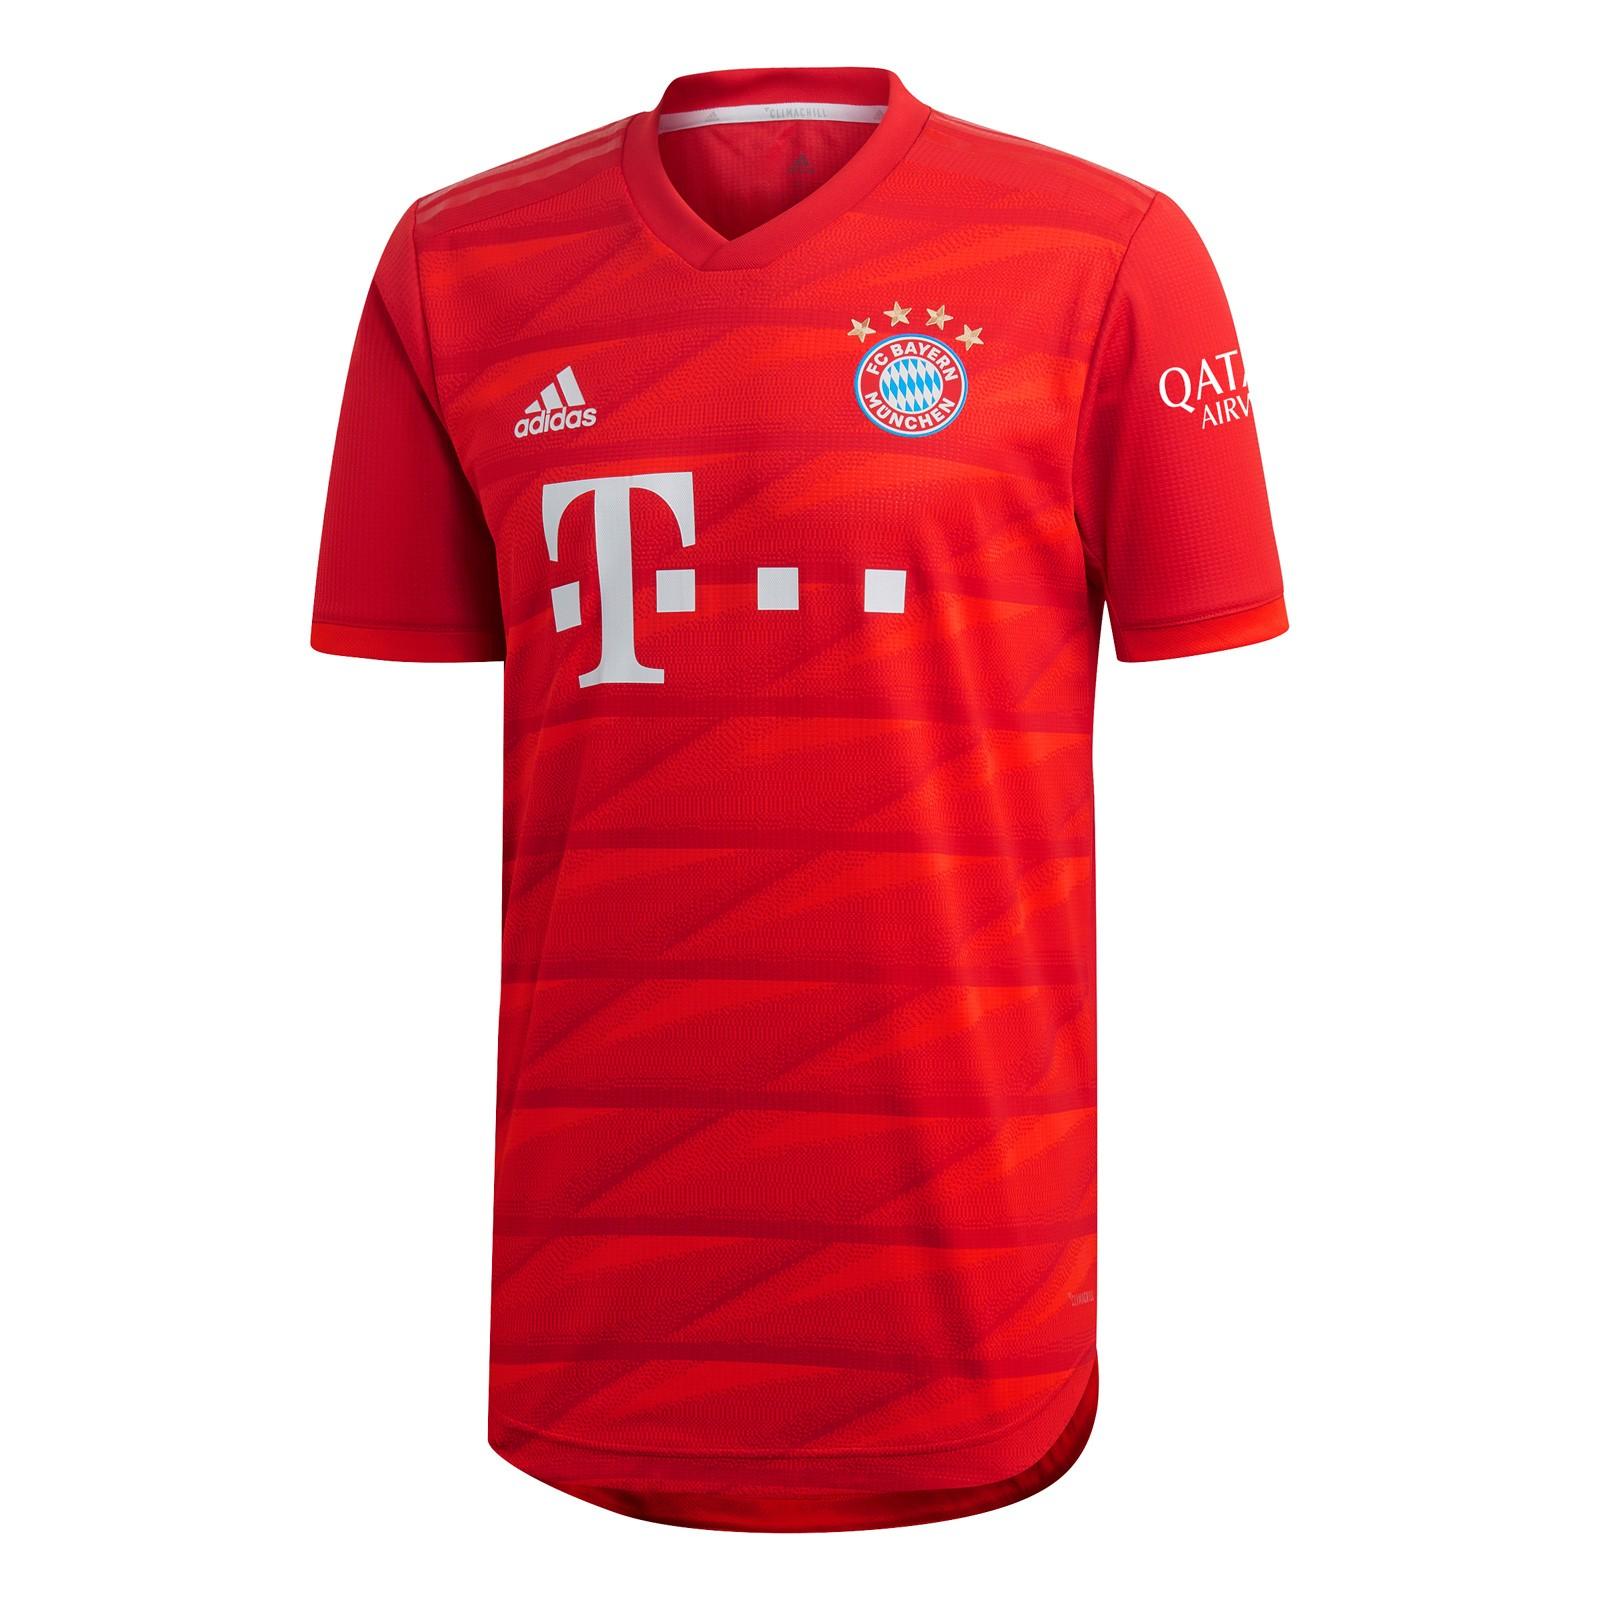 拜仁慕尼黑2019-20赛季球员版主场球衣